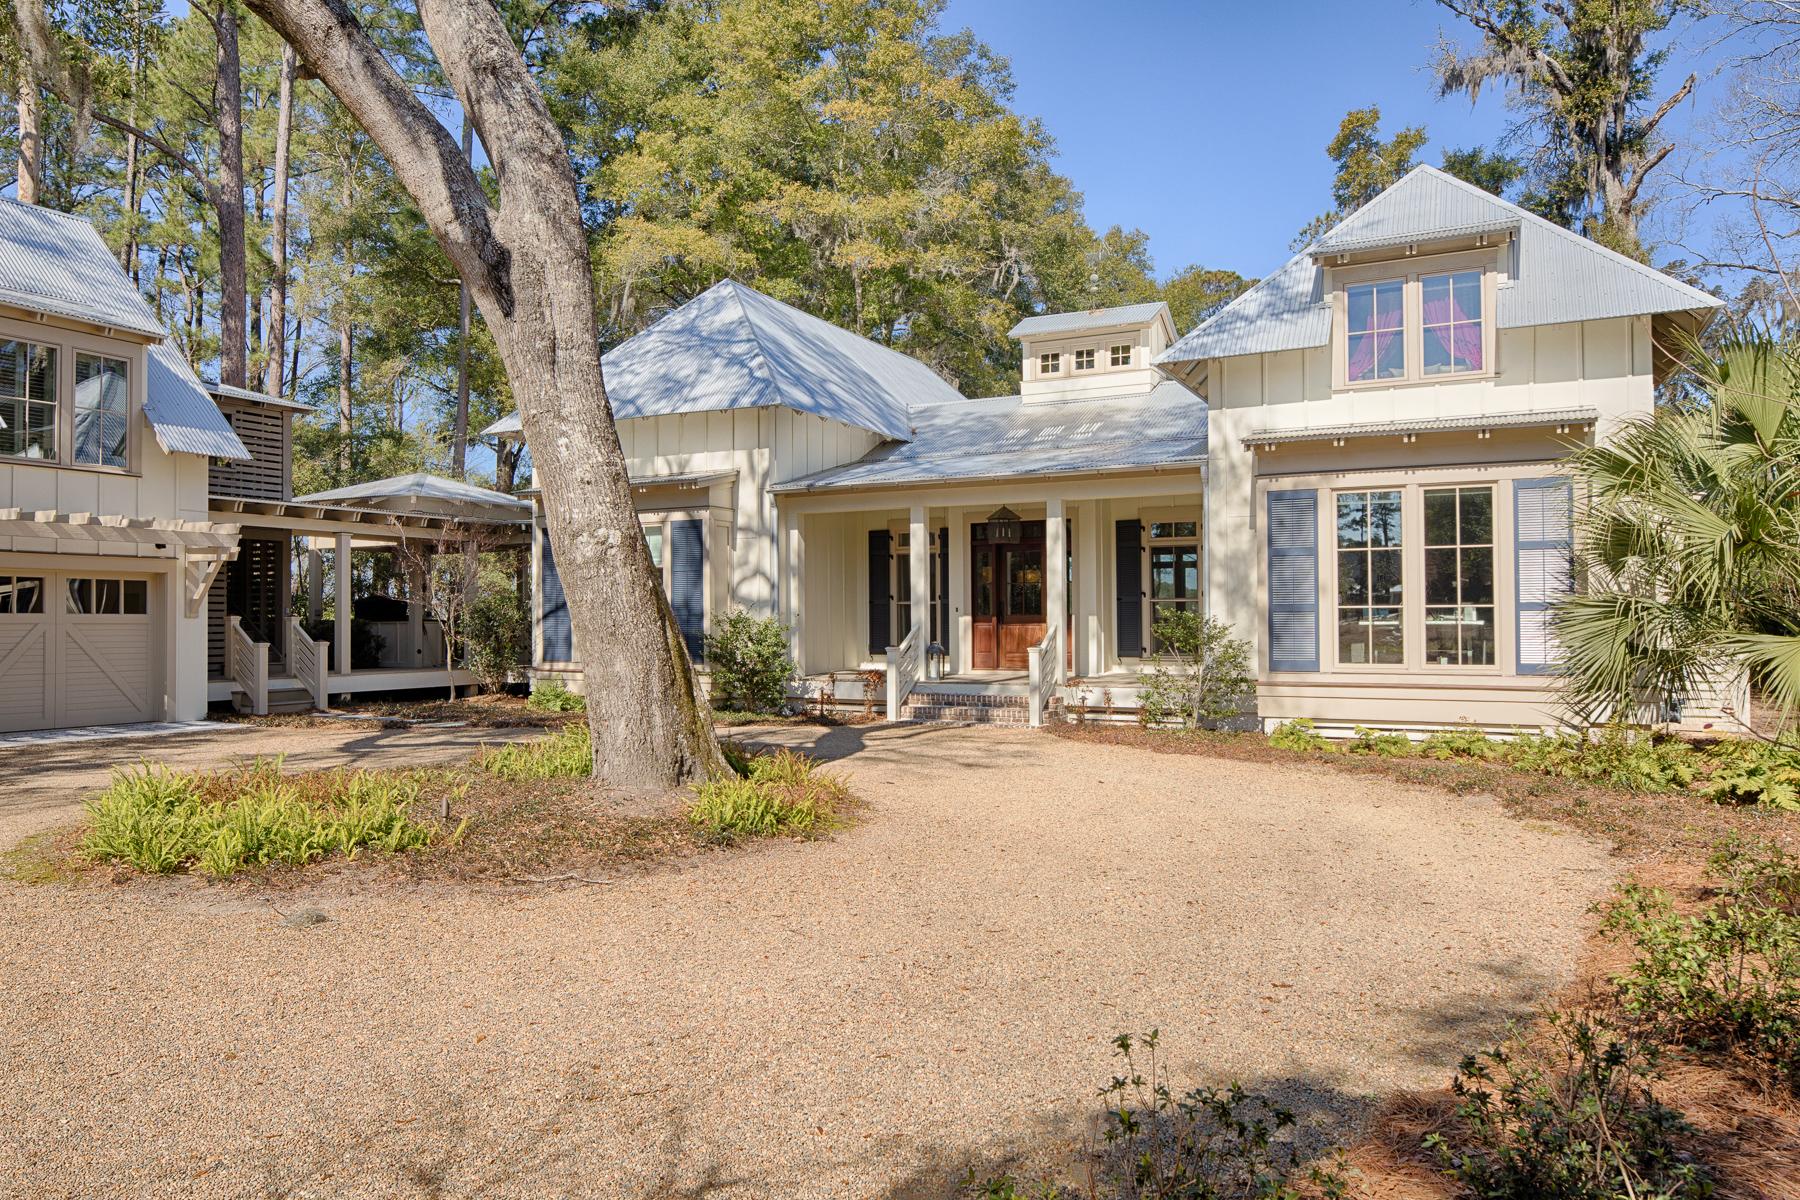 Casa para uma família para Venda às 91 Mount Pelia Road Palmetto Bluff, Bluffton, Carolina Do Sul, 29910 Estados Unidos